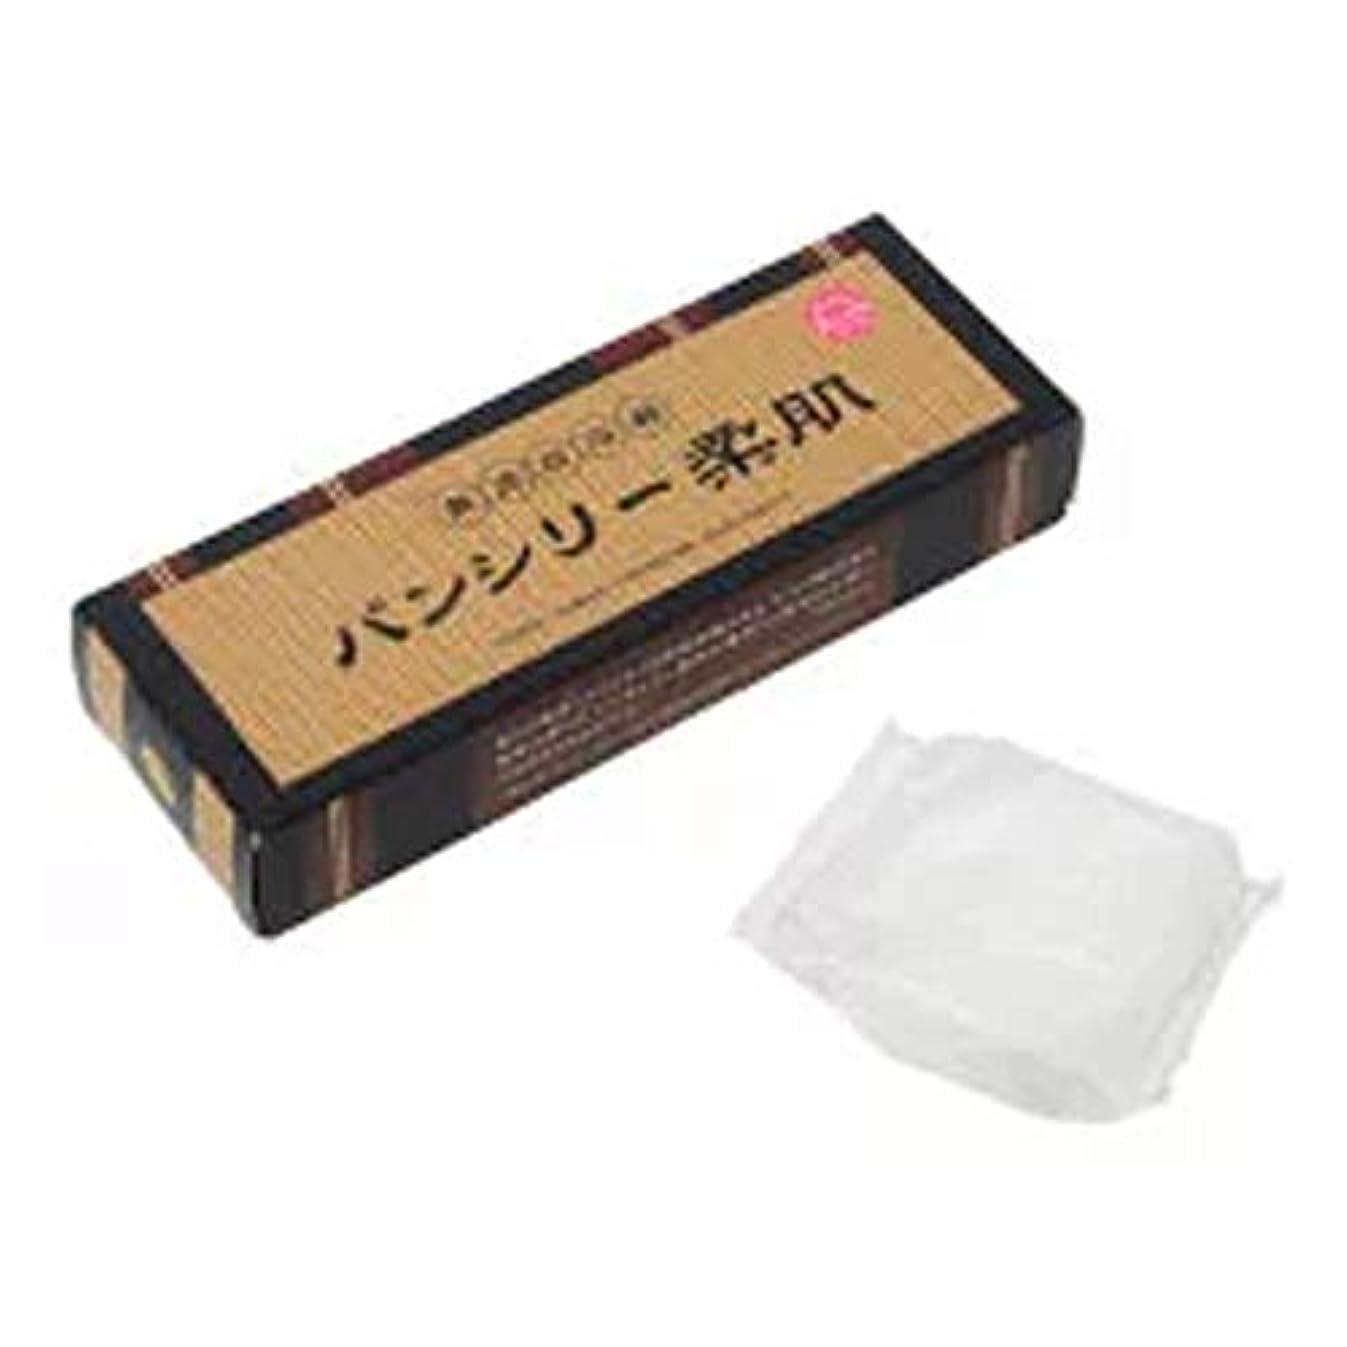 フォーラムメーカーぶどうパンシリー柔肌 60g×3個 石鹸 せっけん 渋柿 コンフリー コラーゲン ヒアルロン酸